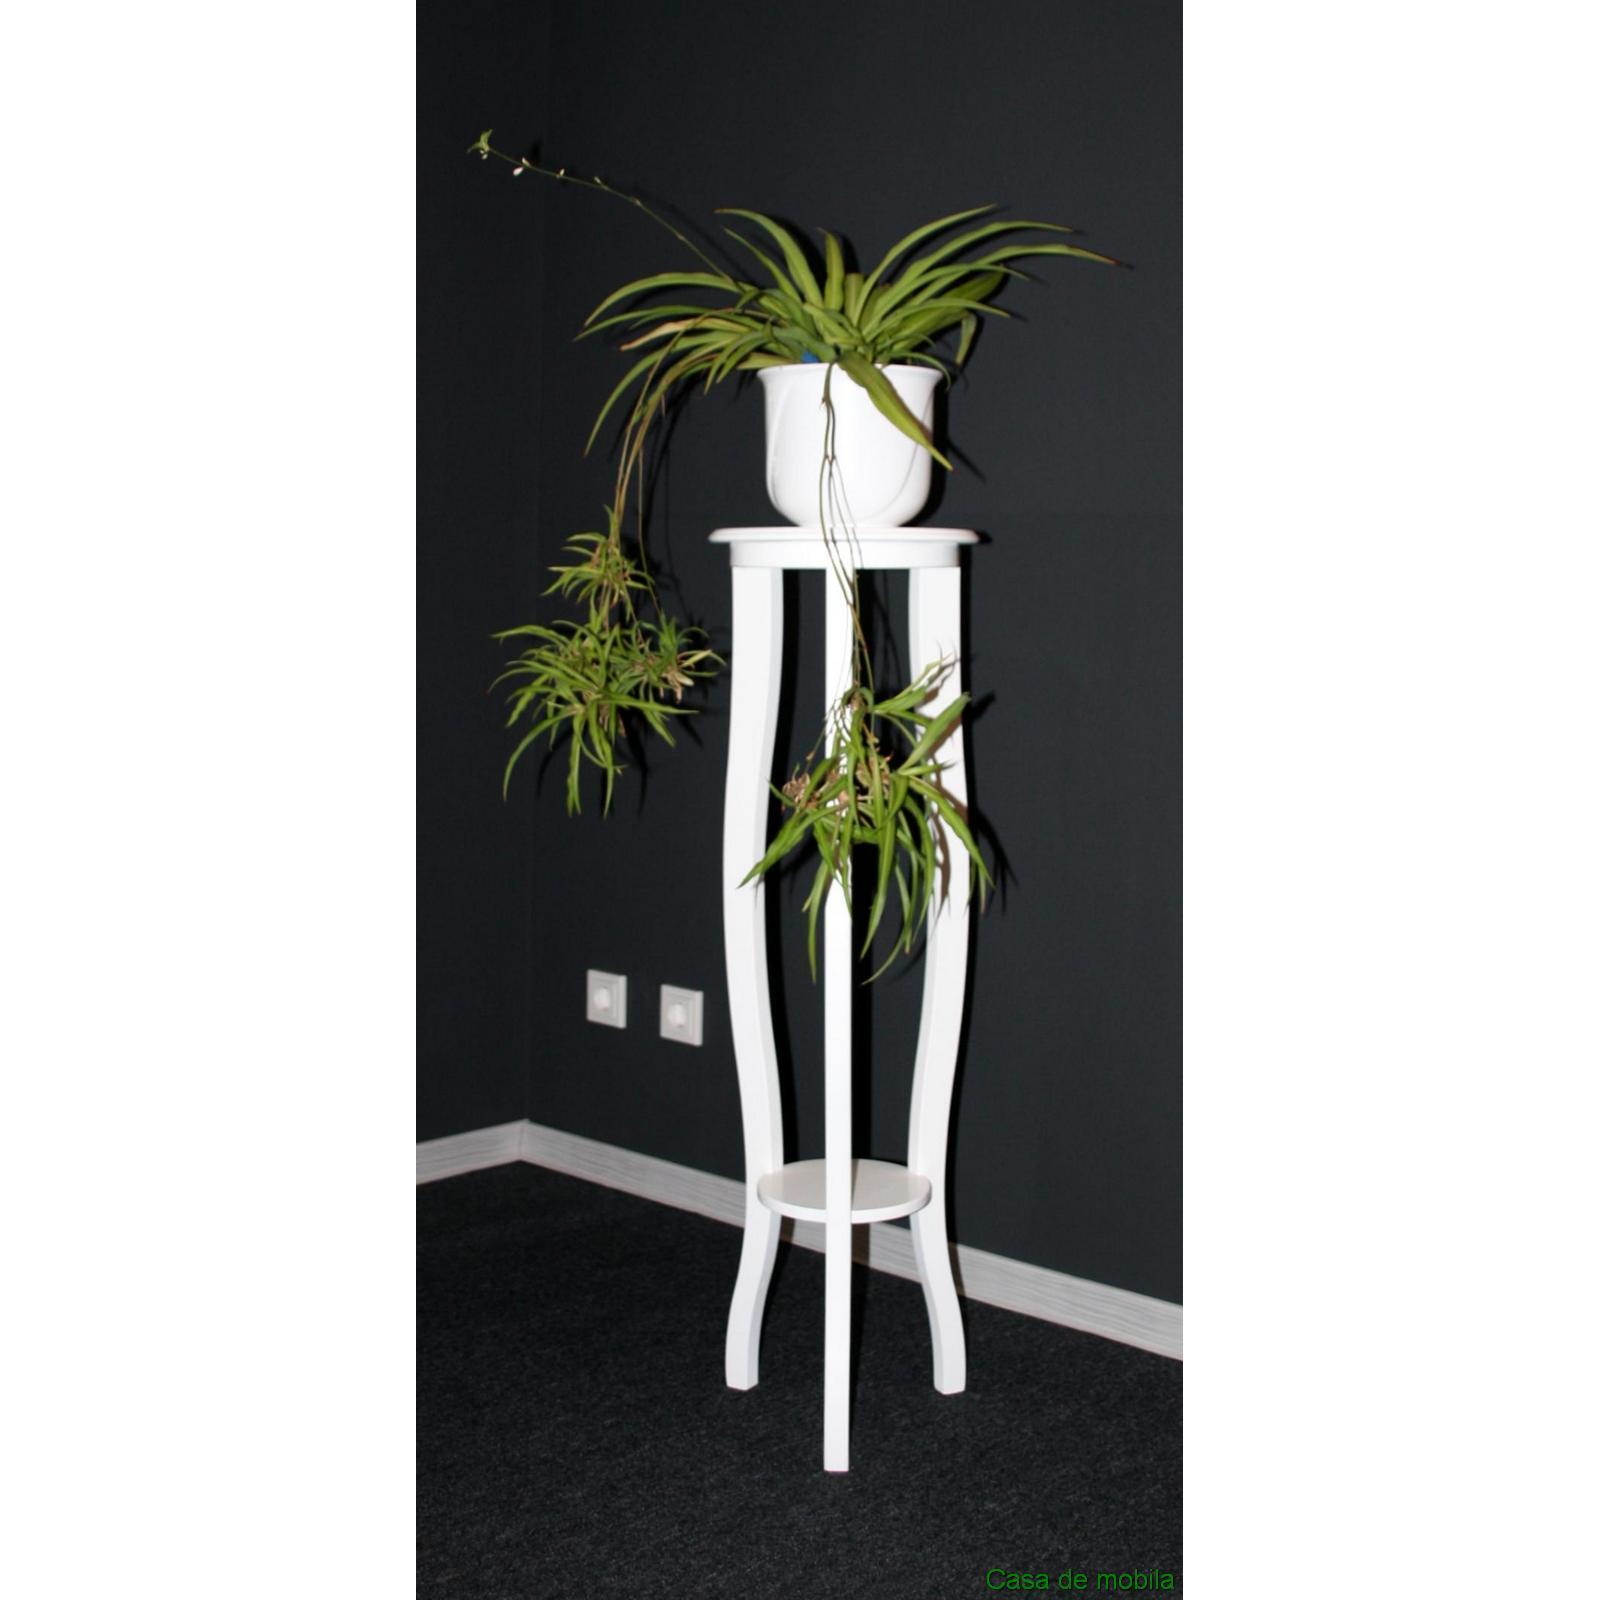 blumentisch blumenst nder rund blumenhocker wei lackiert 100 cm bei casa demobila. Black Bedroom Furniture Sets. Home Design Ideas